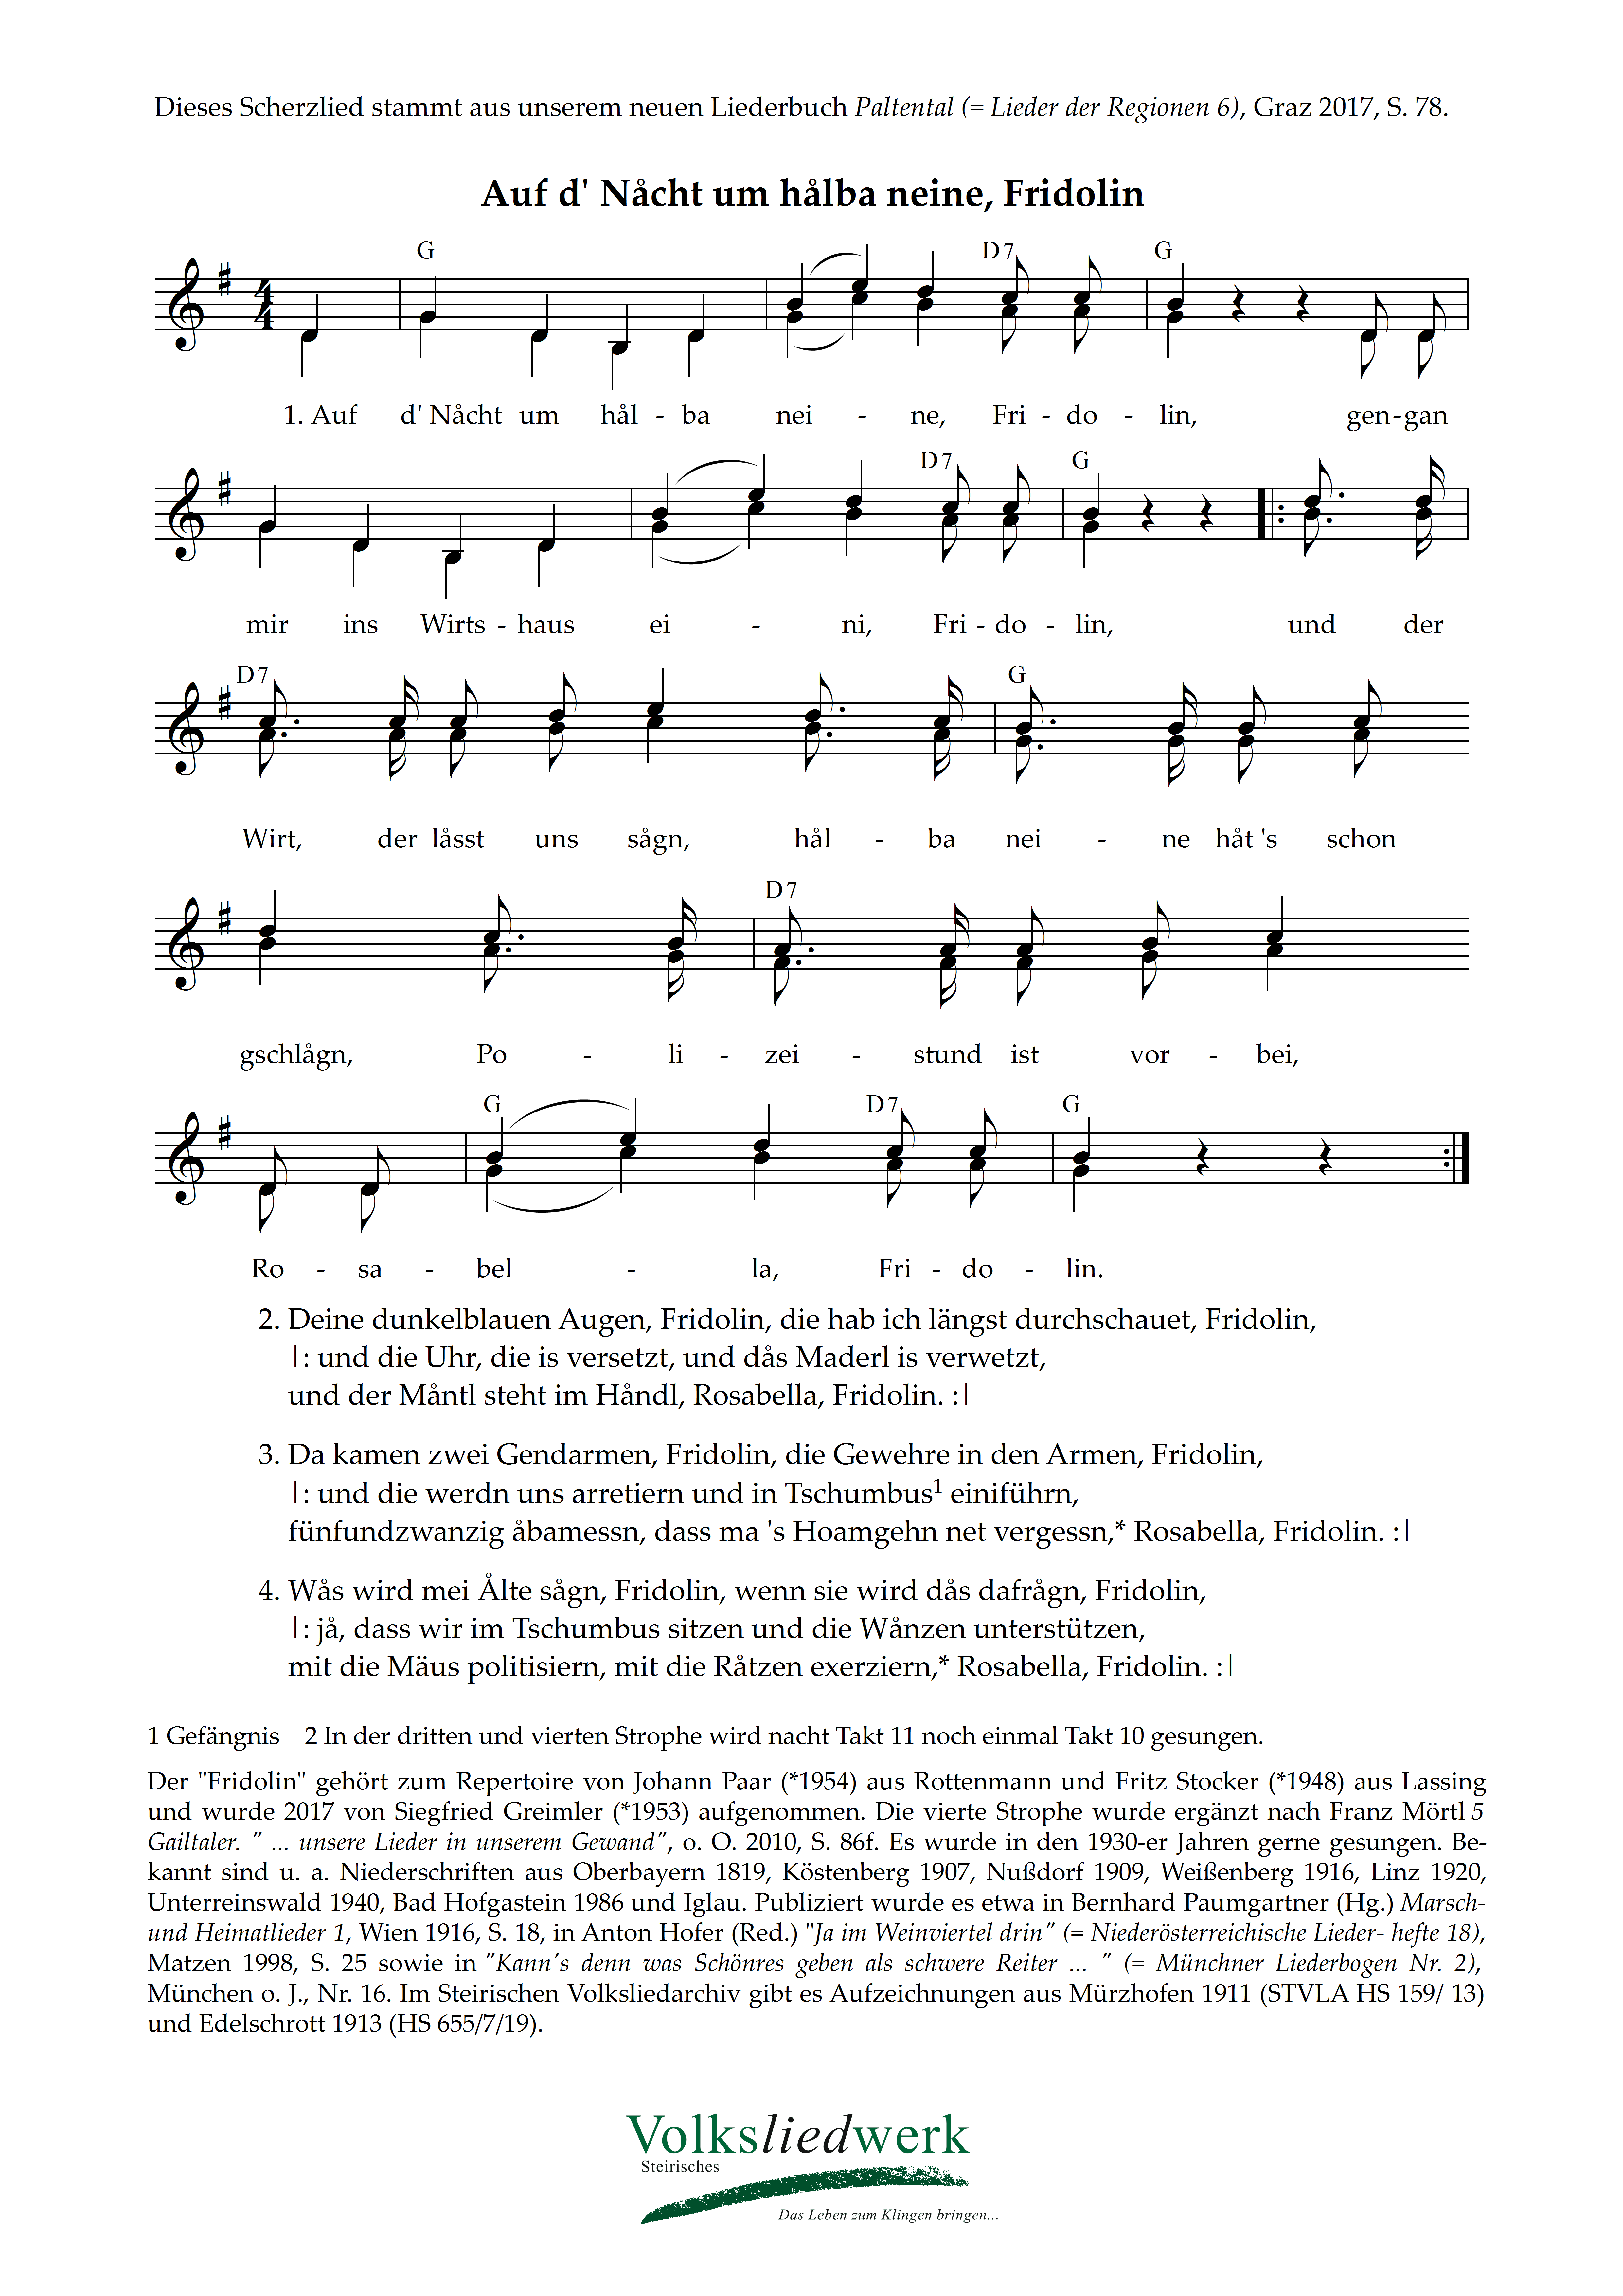 Steirisches Volksliedwerk